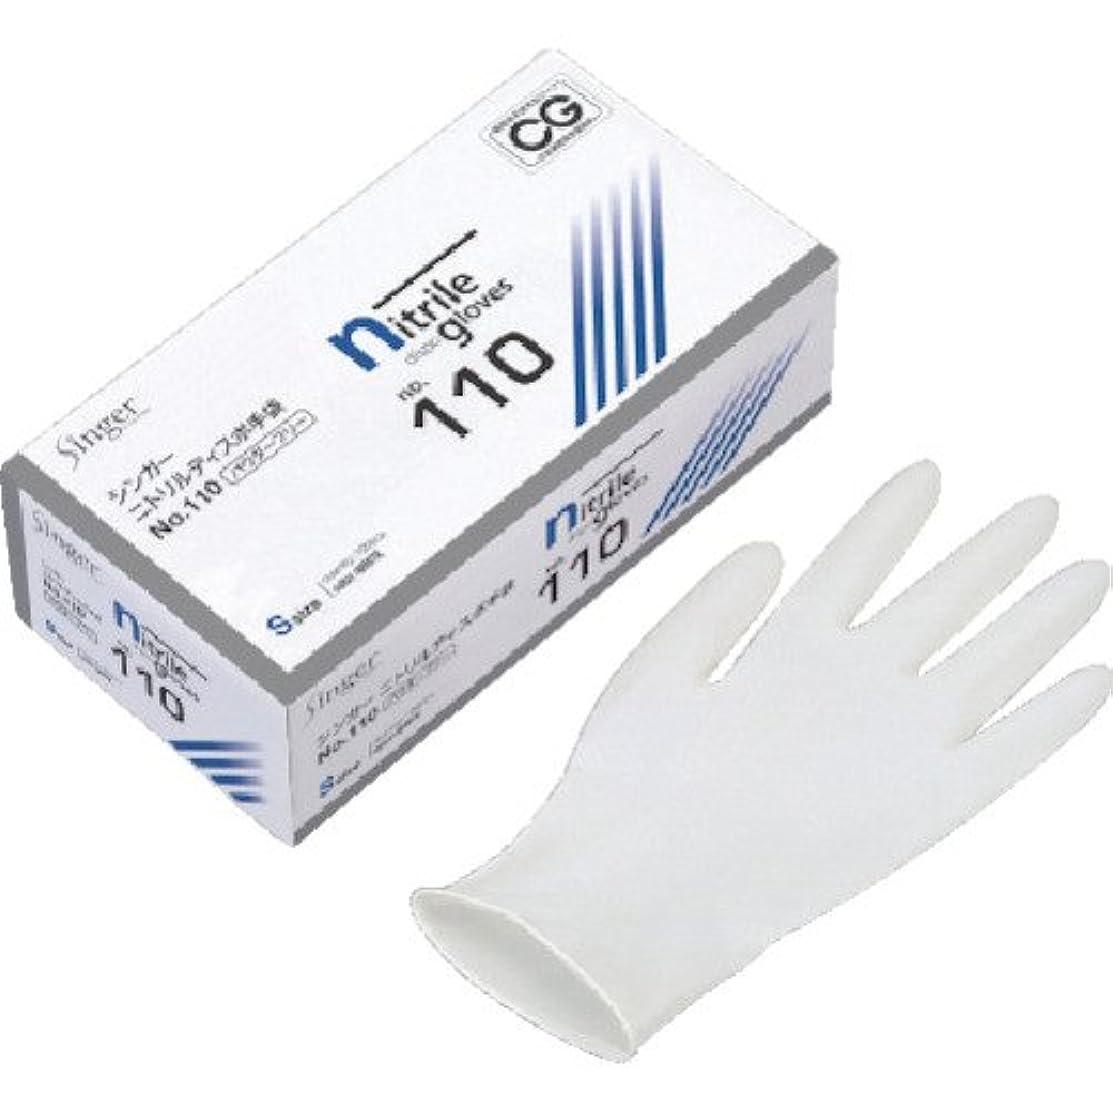 赤行う櫛シンガーニトリルディスポ手袋 No.110 ホワイト パウダーフリー(100枚) S